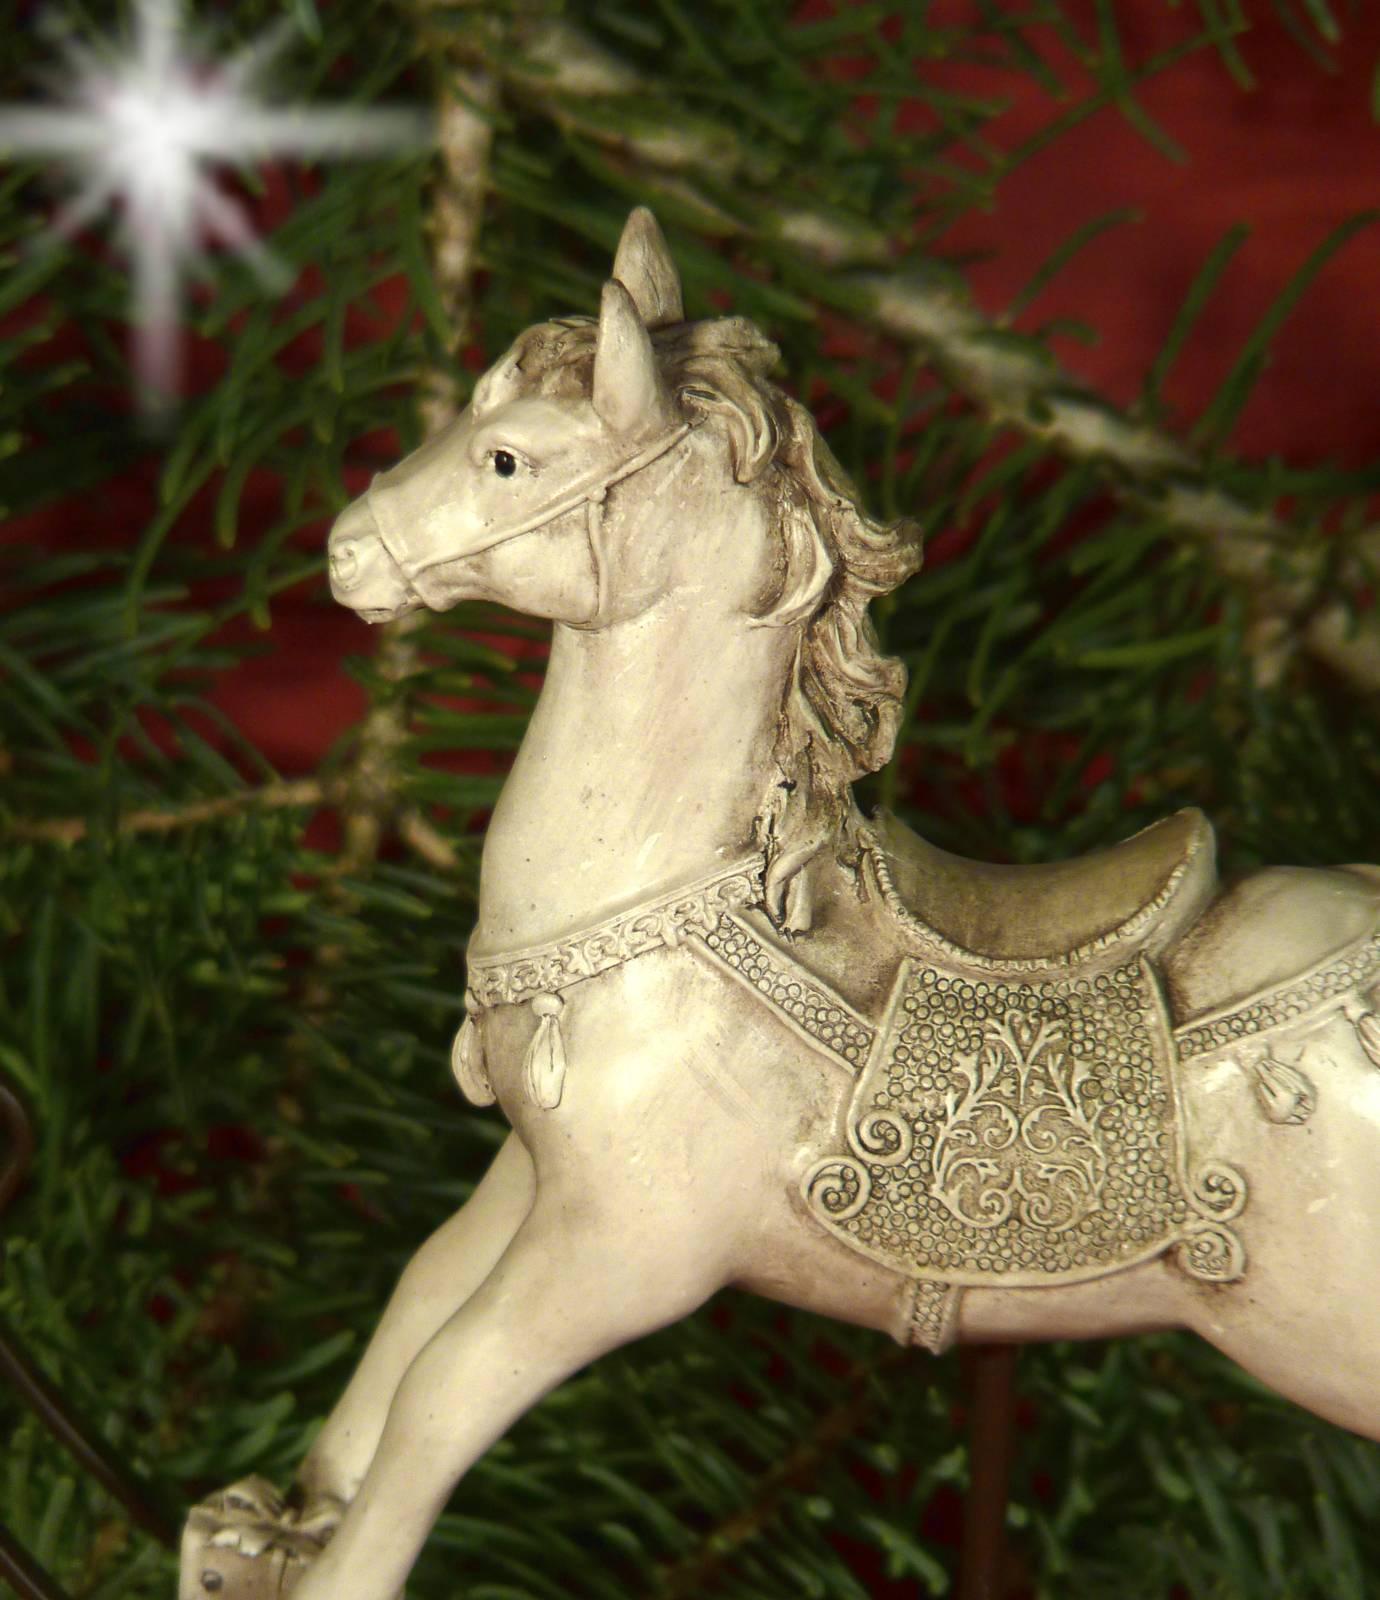 Nostalgie Schaukelpferd Pferd Deko Figur Creme Vintage